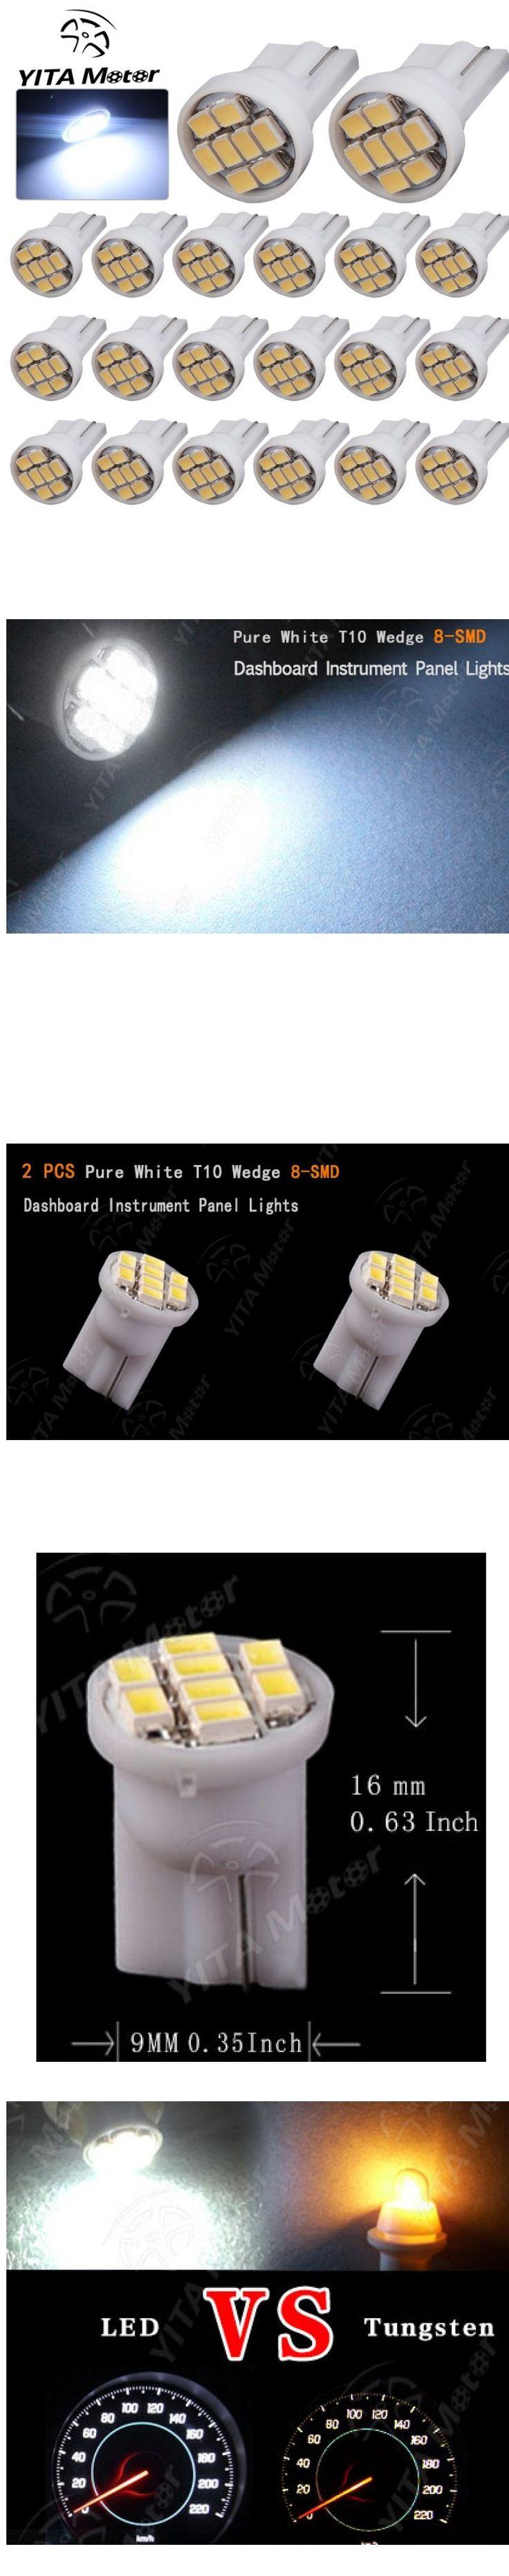 Yitamotor car light 20x t10 wedge 8 smd pure white white led lightscar